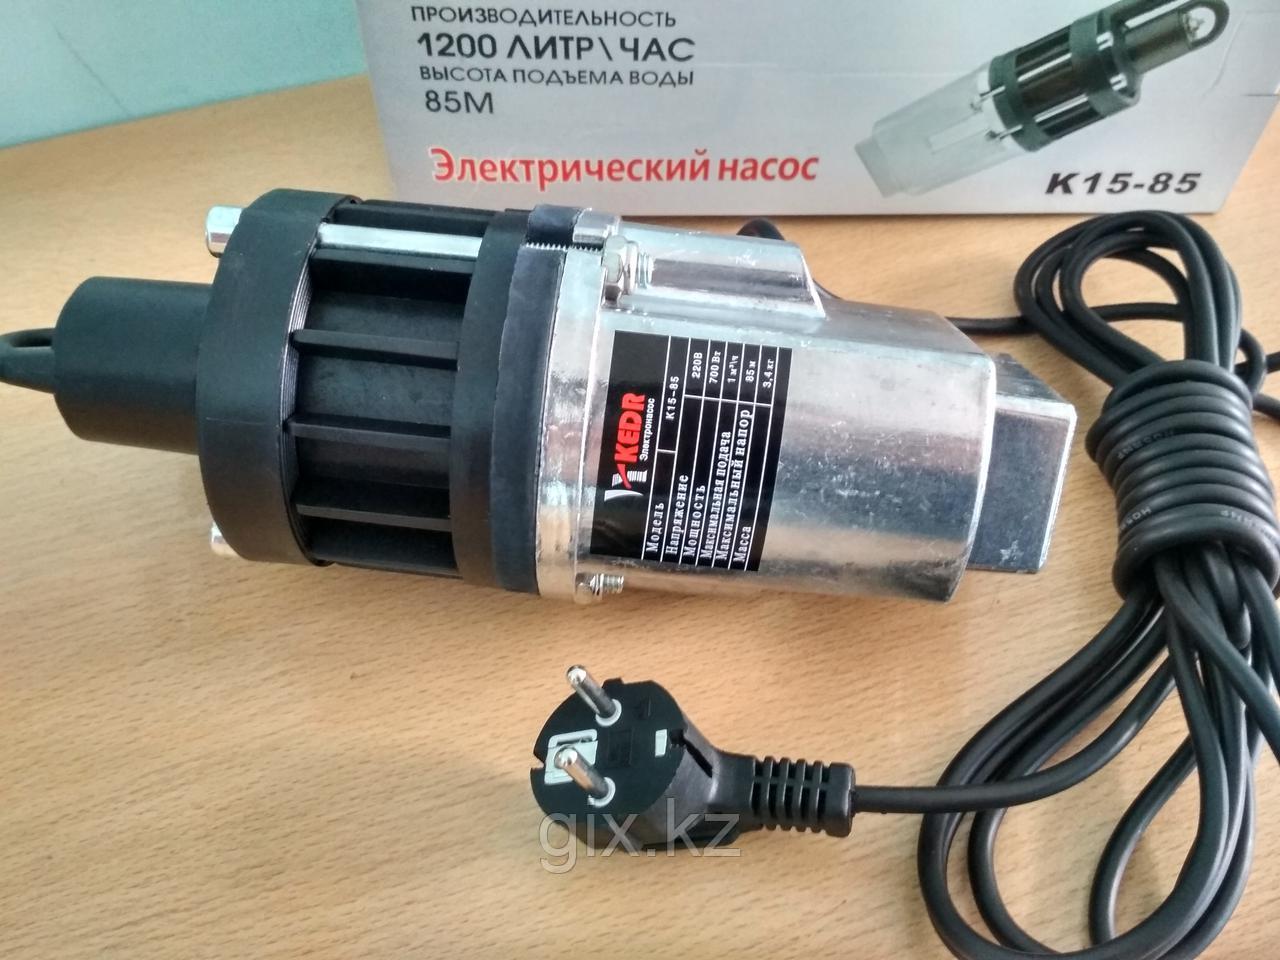 Электрический насос для воды (малыш, гном) K15-85